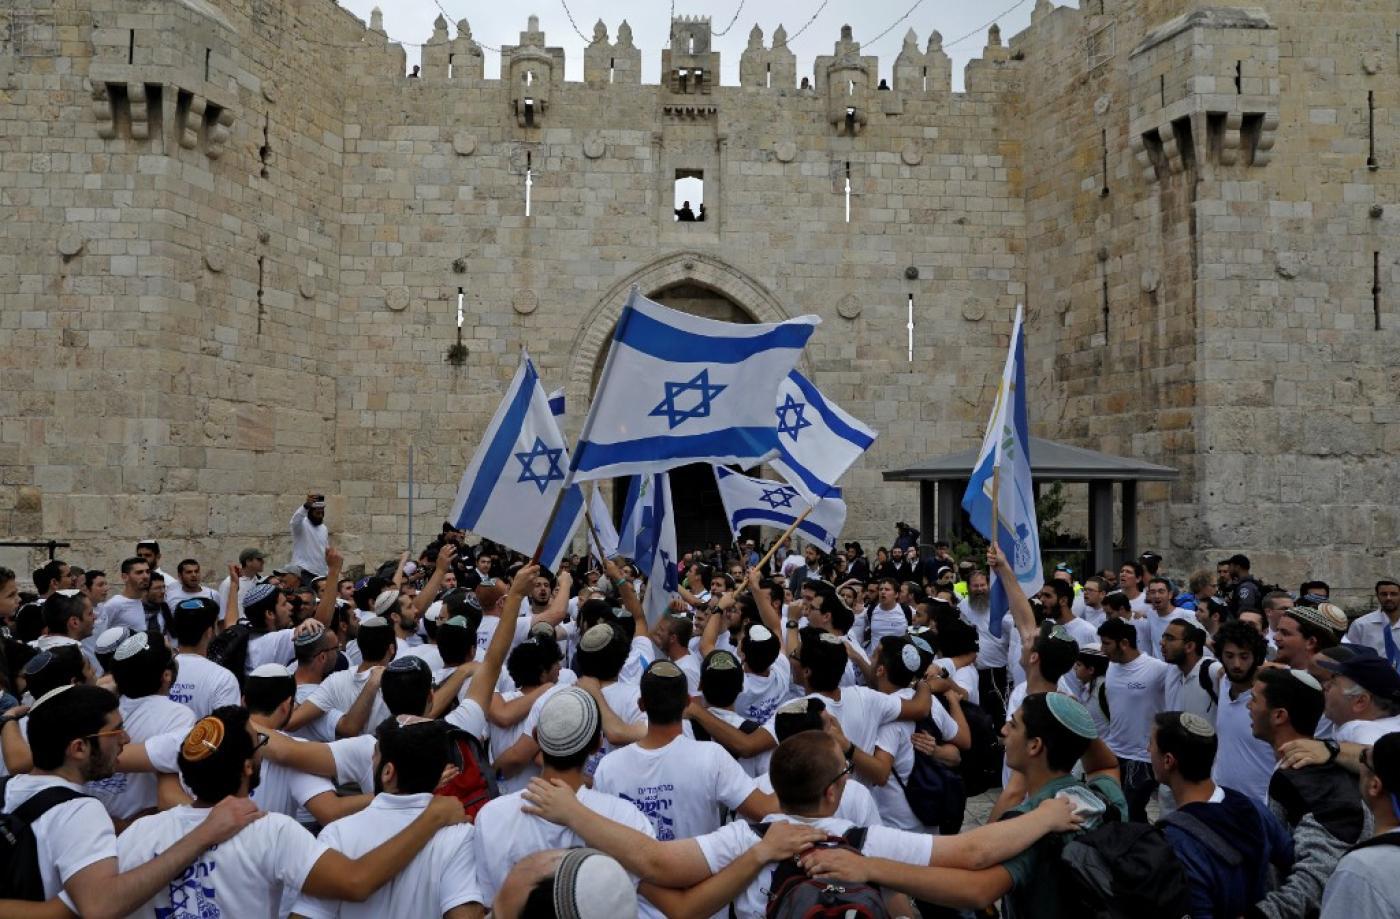 Des colons agitent des drapeaux israéliens alors qu'ils célèbrent la Journée de Jérusalem au niveau de la porte de Damas de la vieille ville, en mai2018 (AFP)